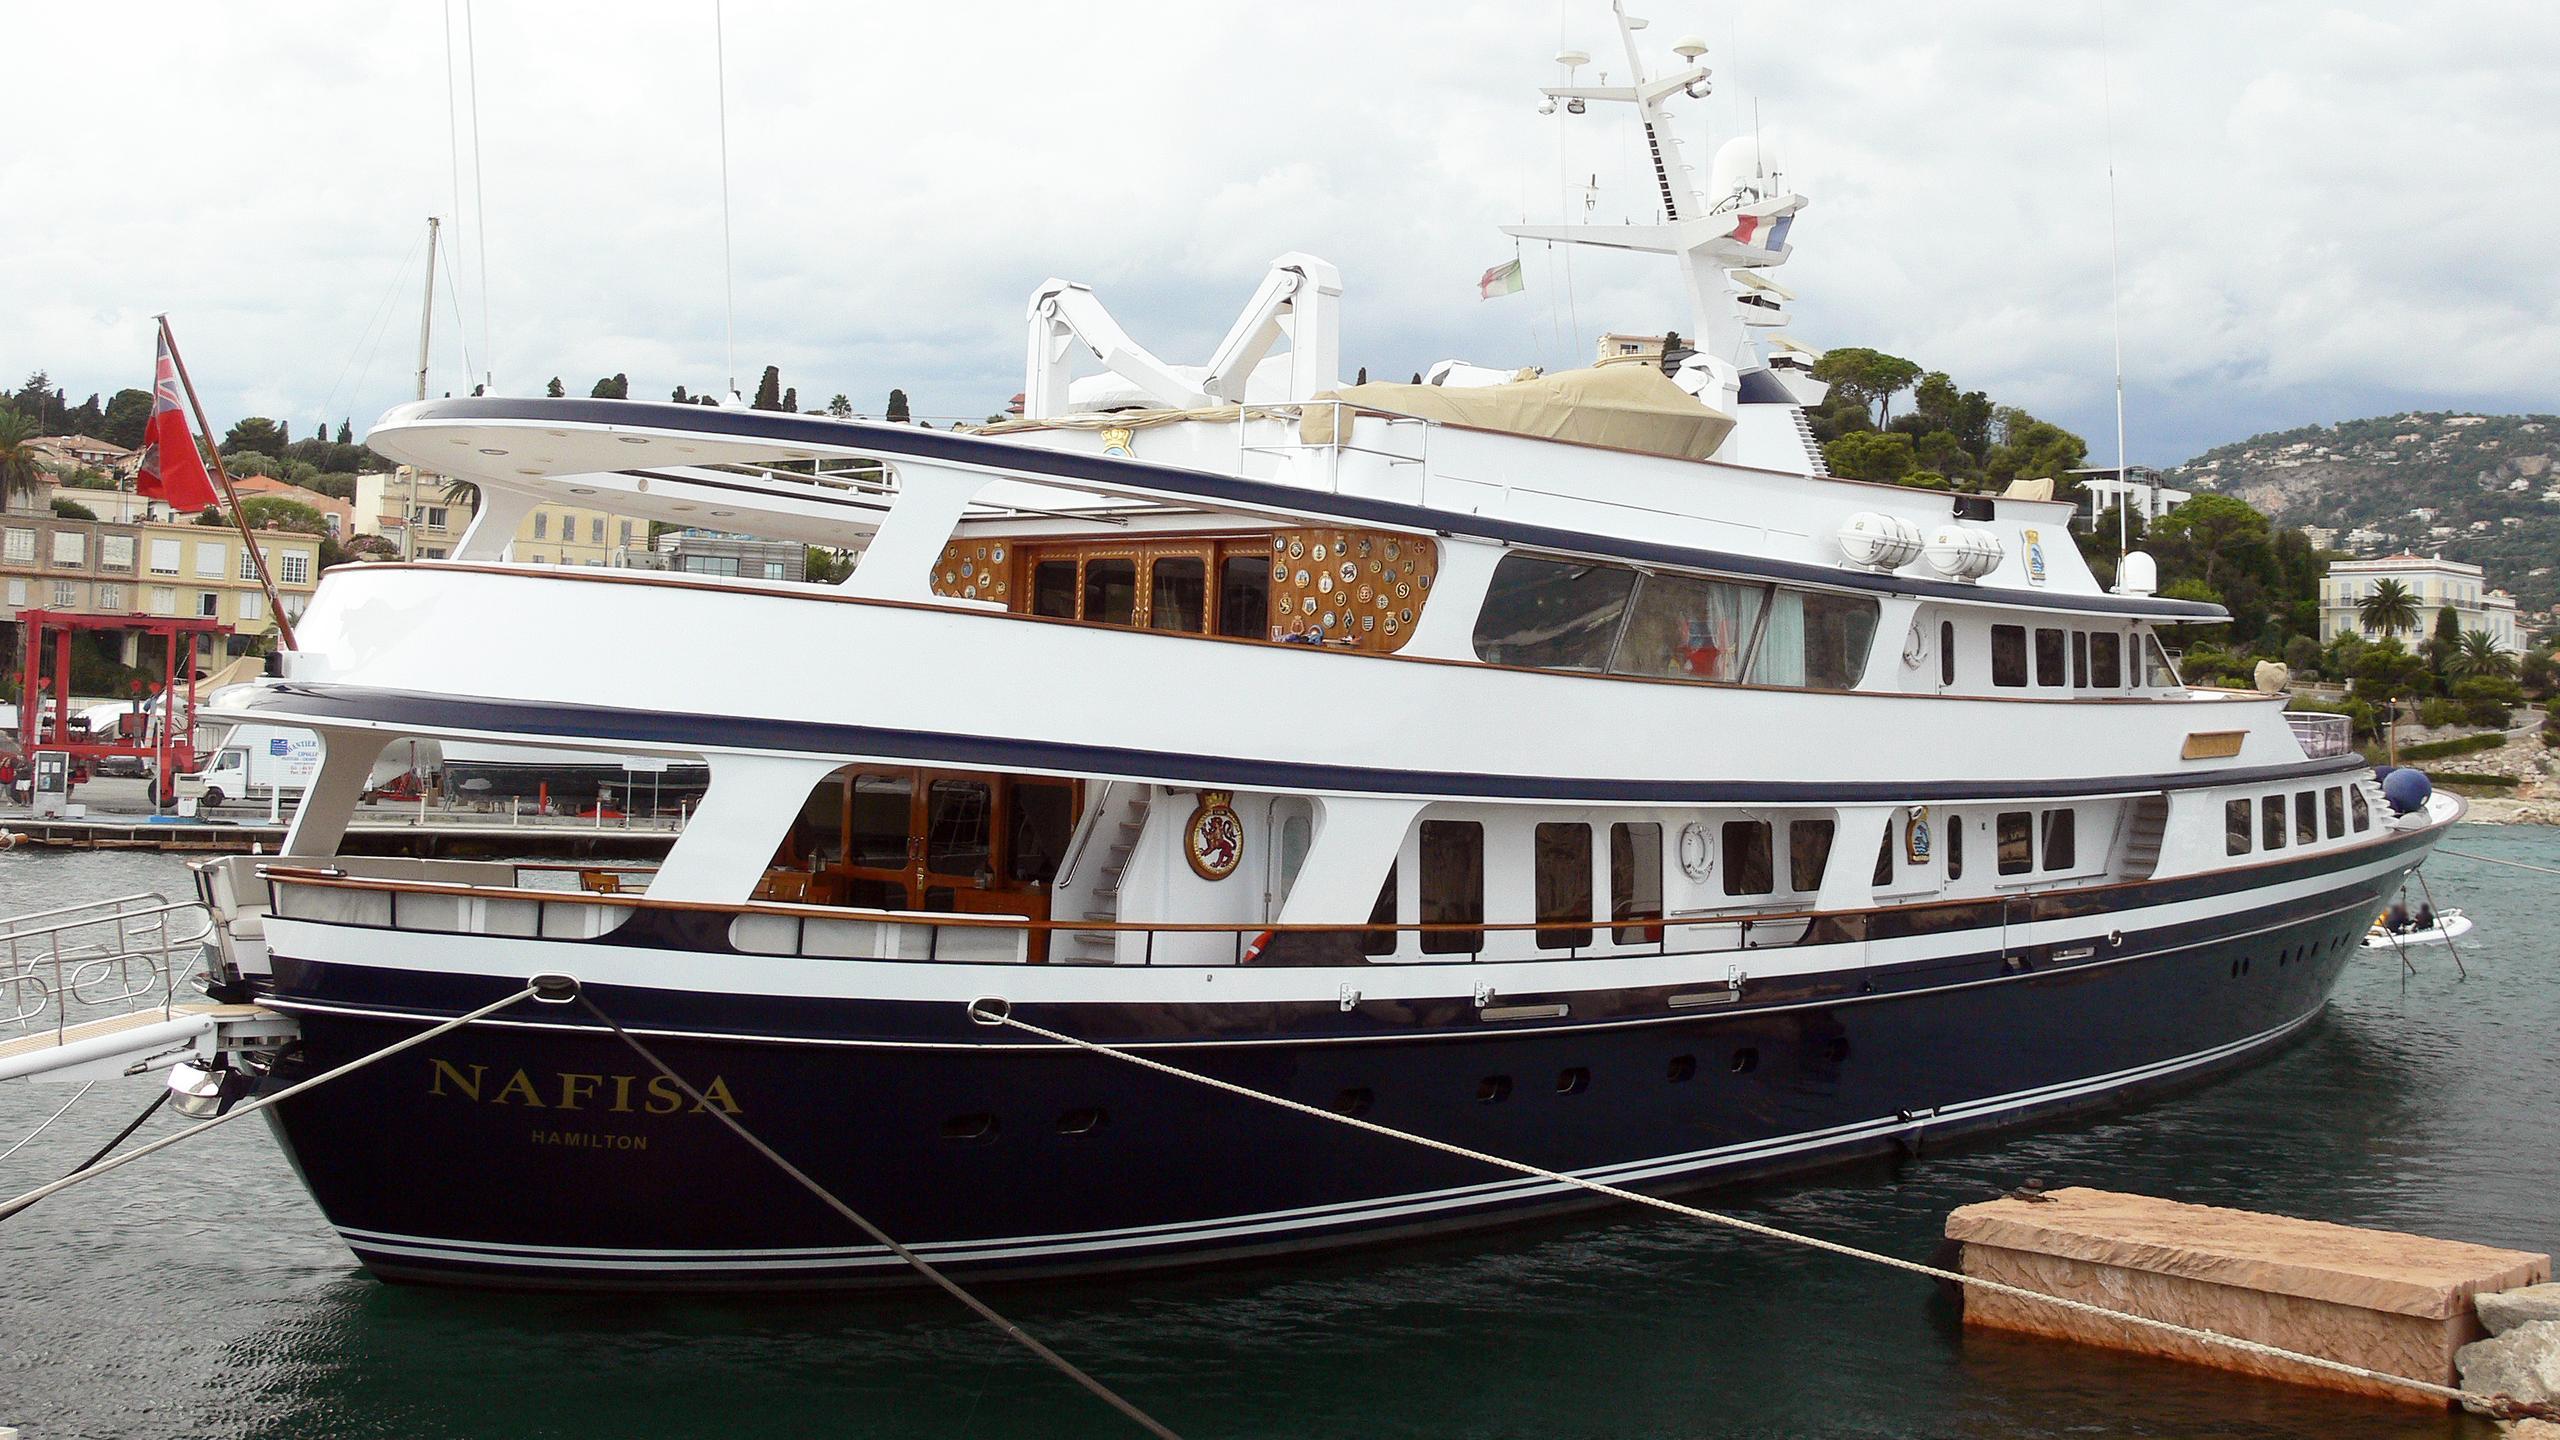 nafisa-motor-yacht-schweers-1986-49m-stern